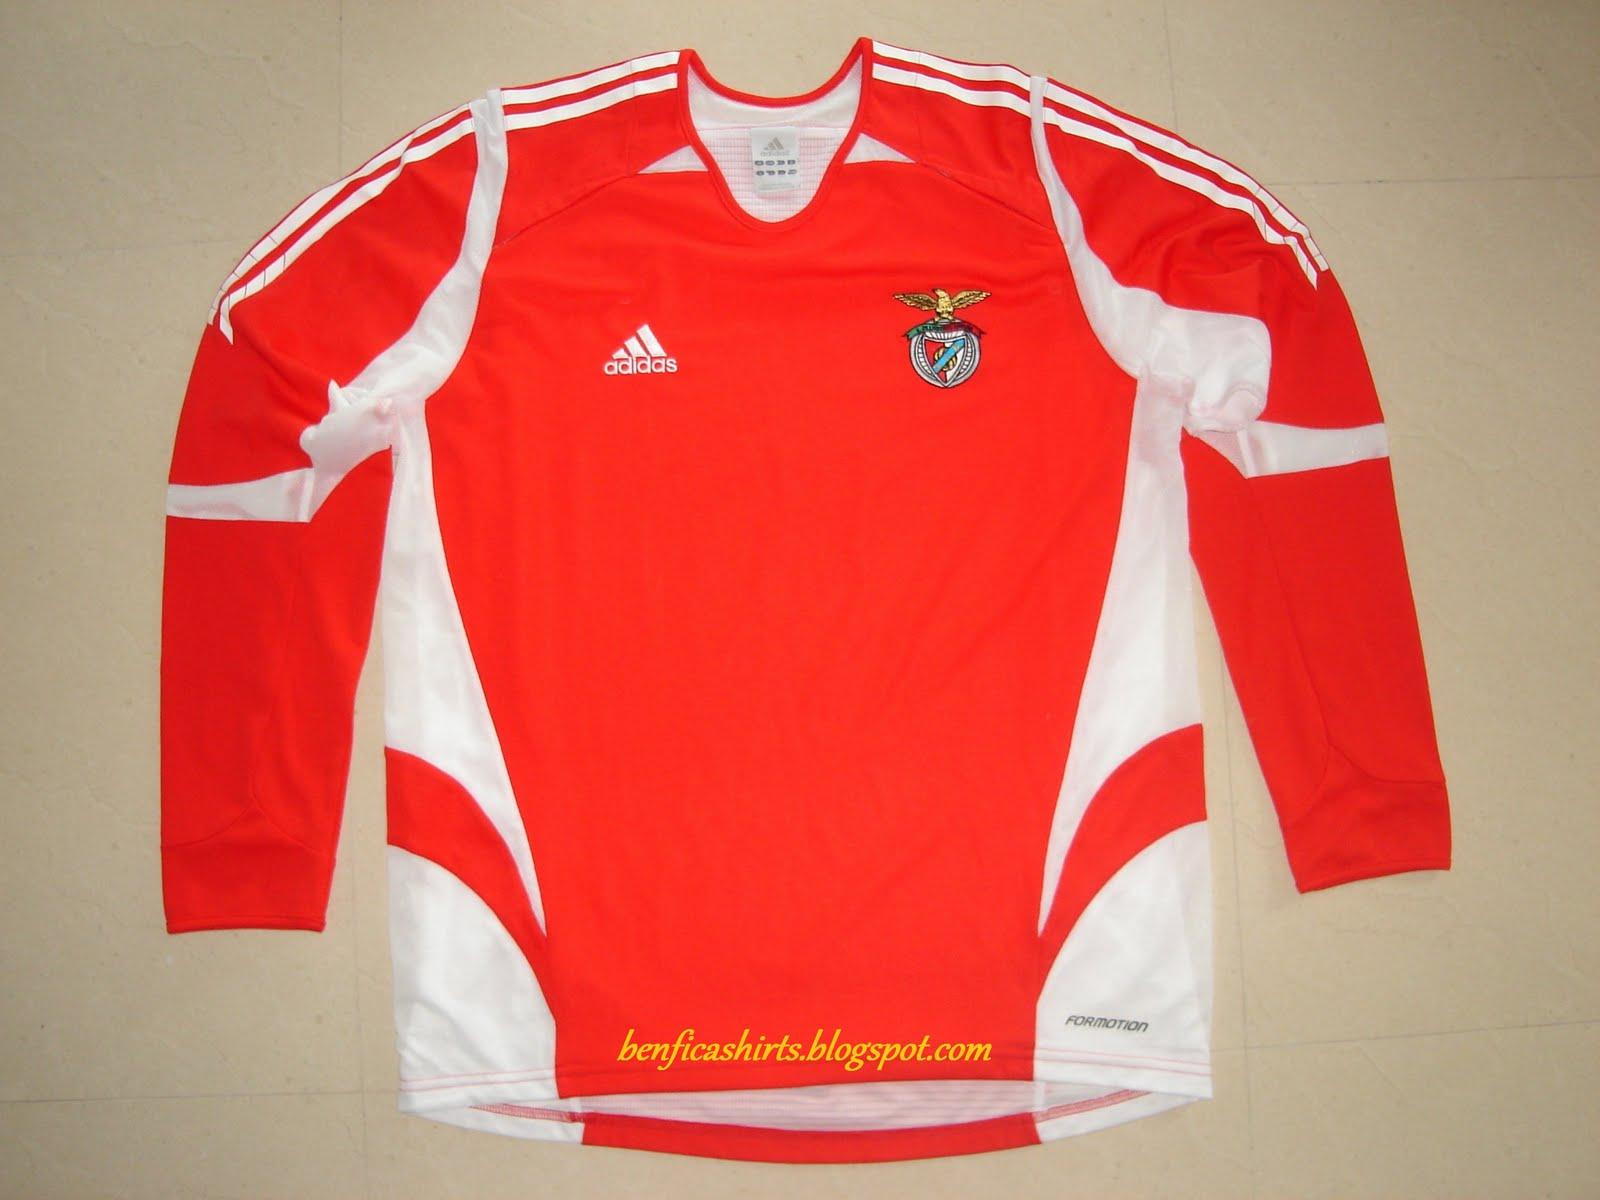 Sport Lisboa e Benfica Shirts (Camisolas do S.L. Benfica)  2005 ... 7d19fe5bf1ba6